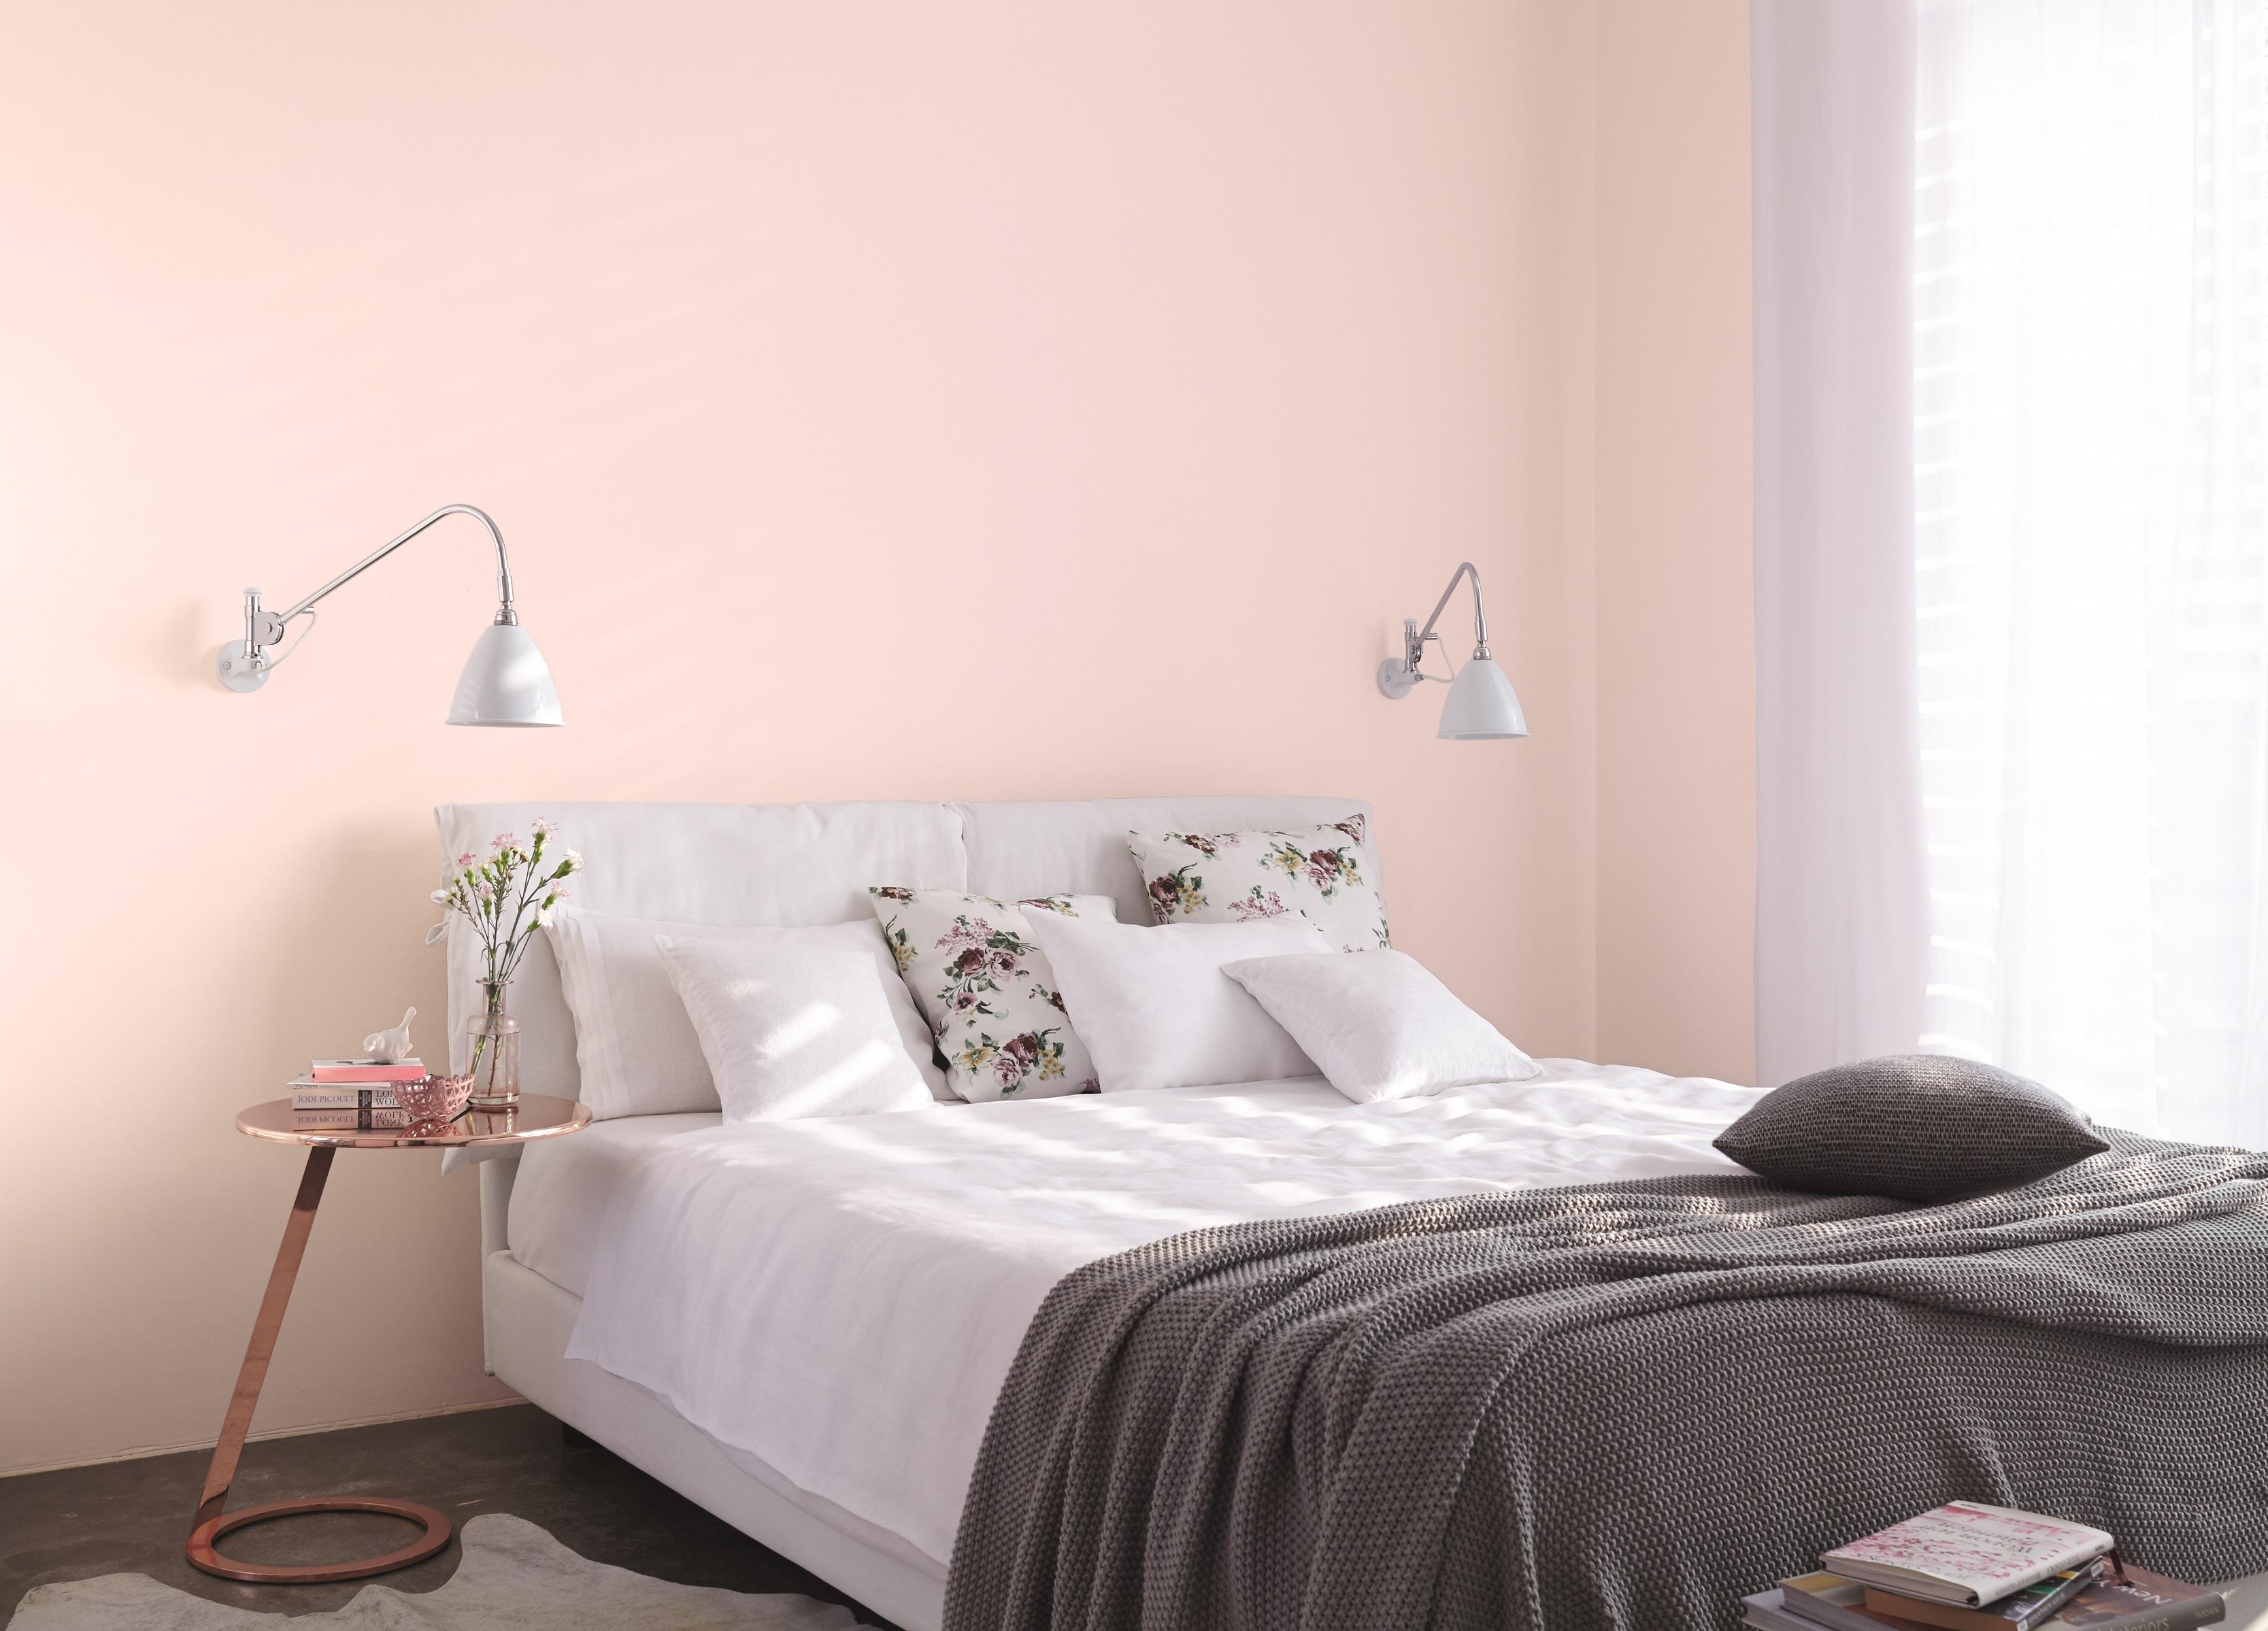 Schlafzimmer ideen farbgestaltung  Ideen für die Gestaltung vom Schlafzimmer: Alpina Farbe & Einrichten